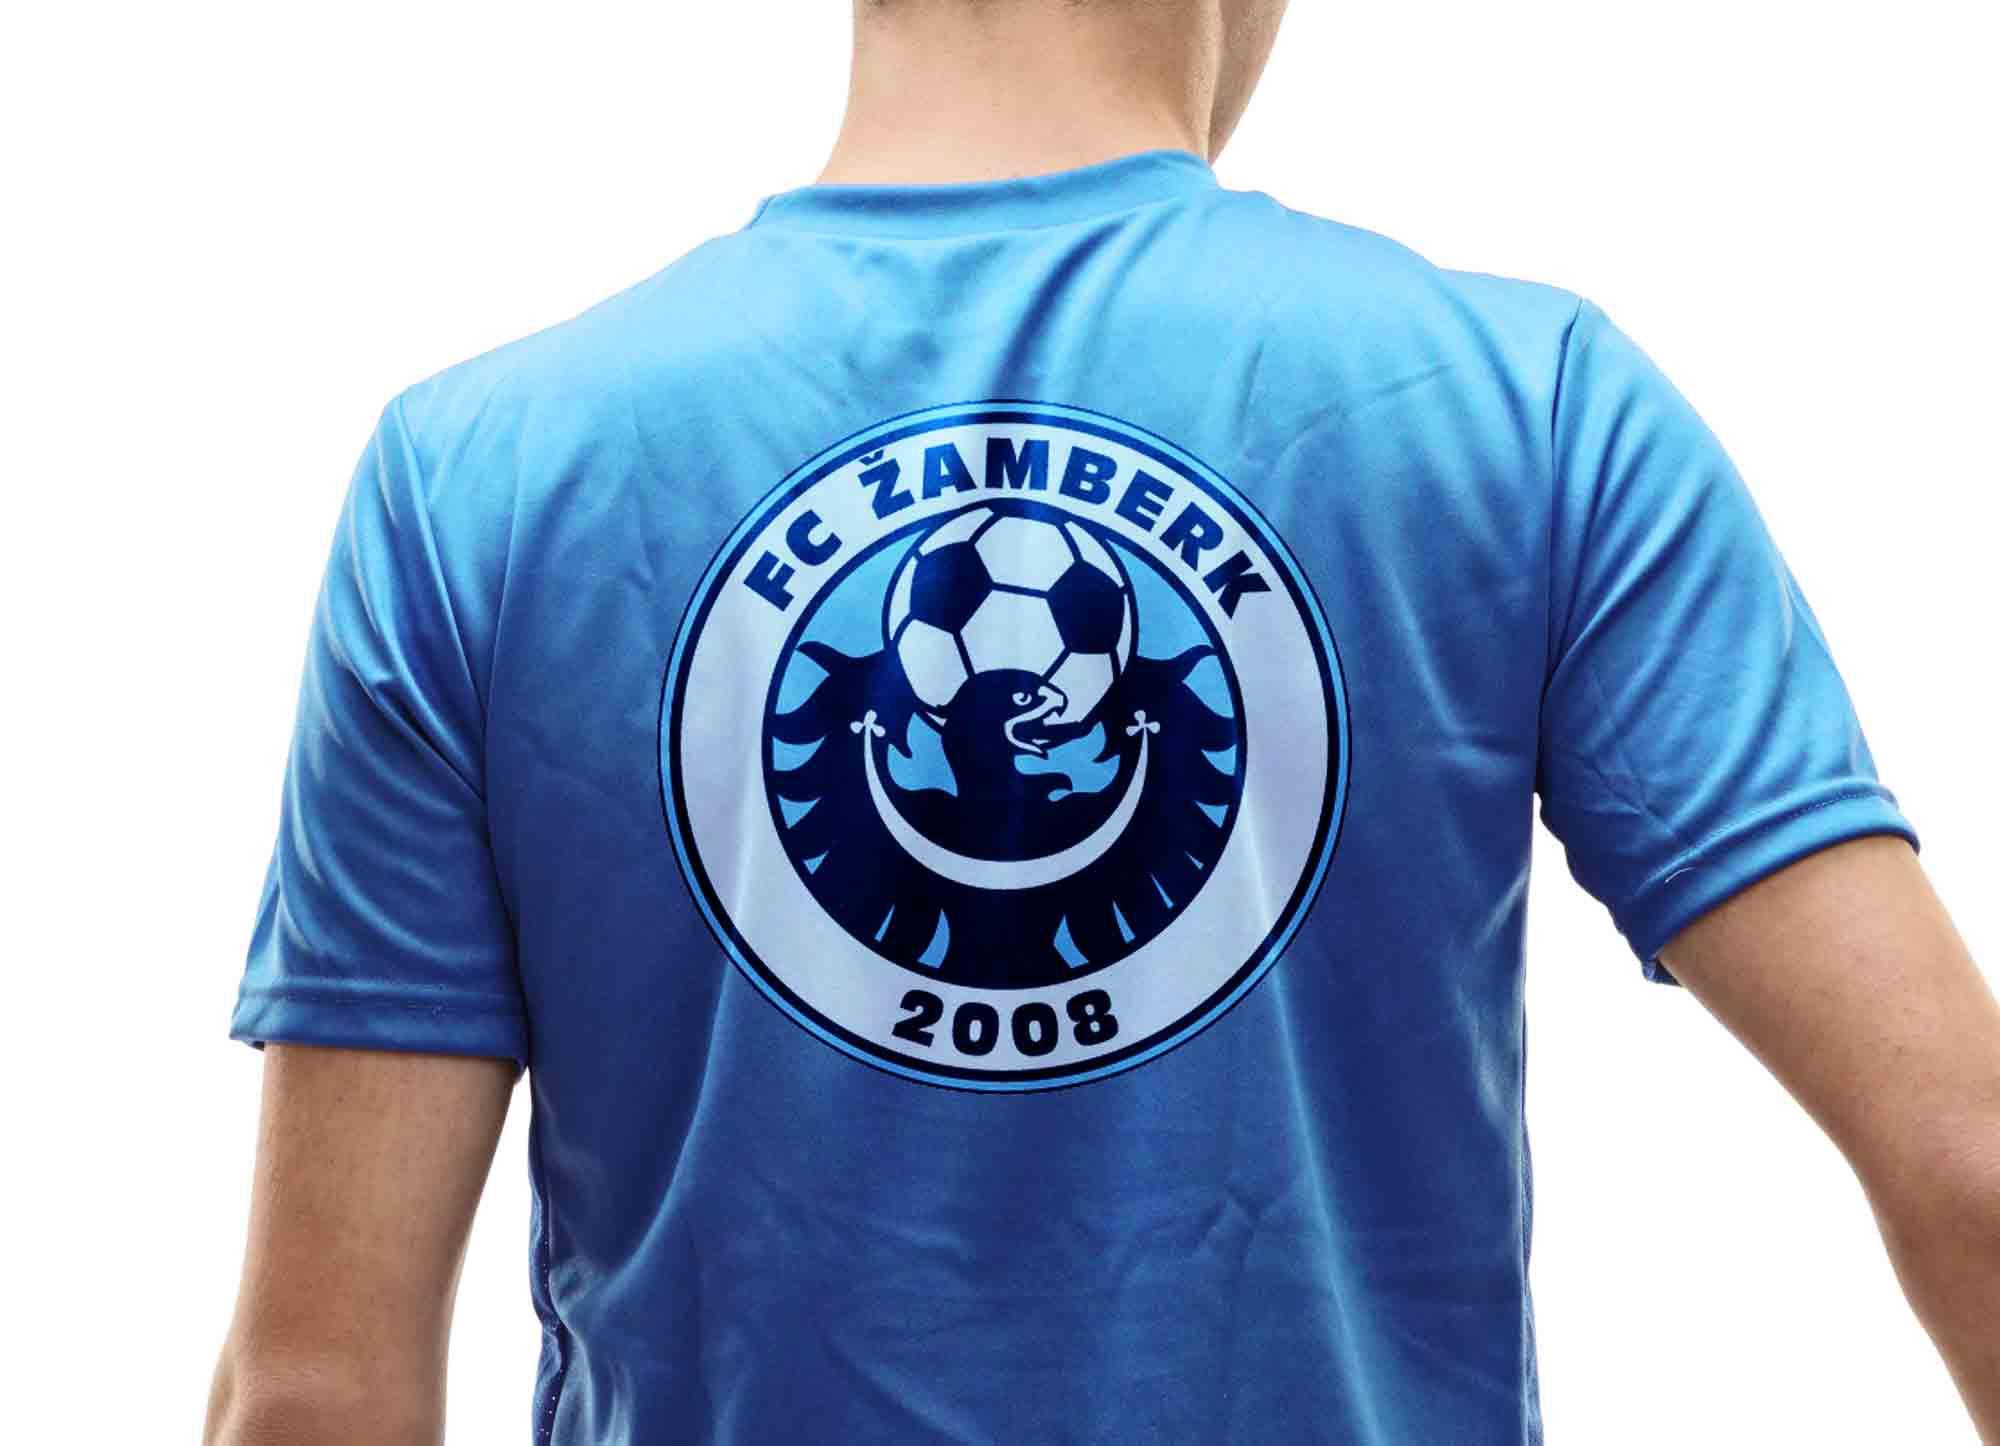 FC-zamberk